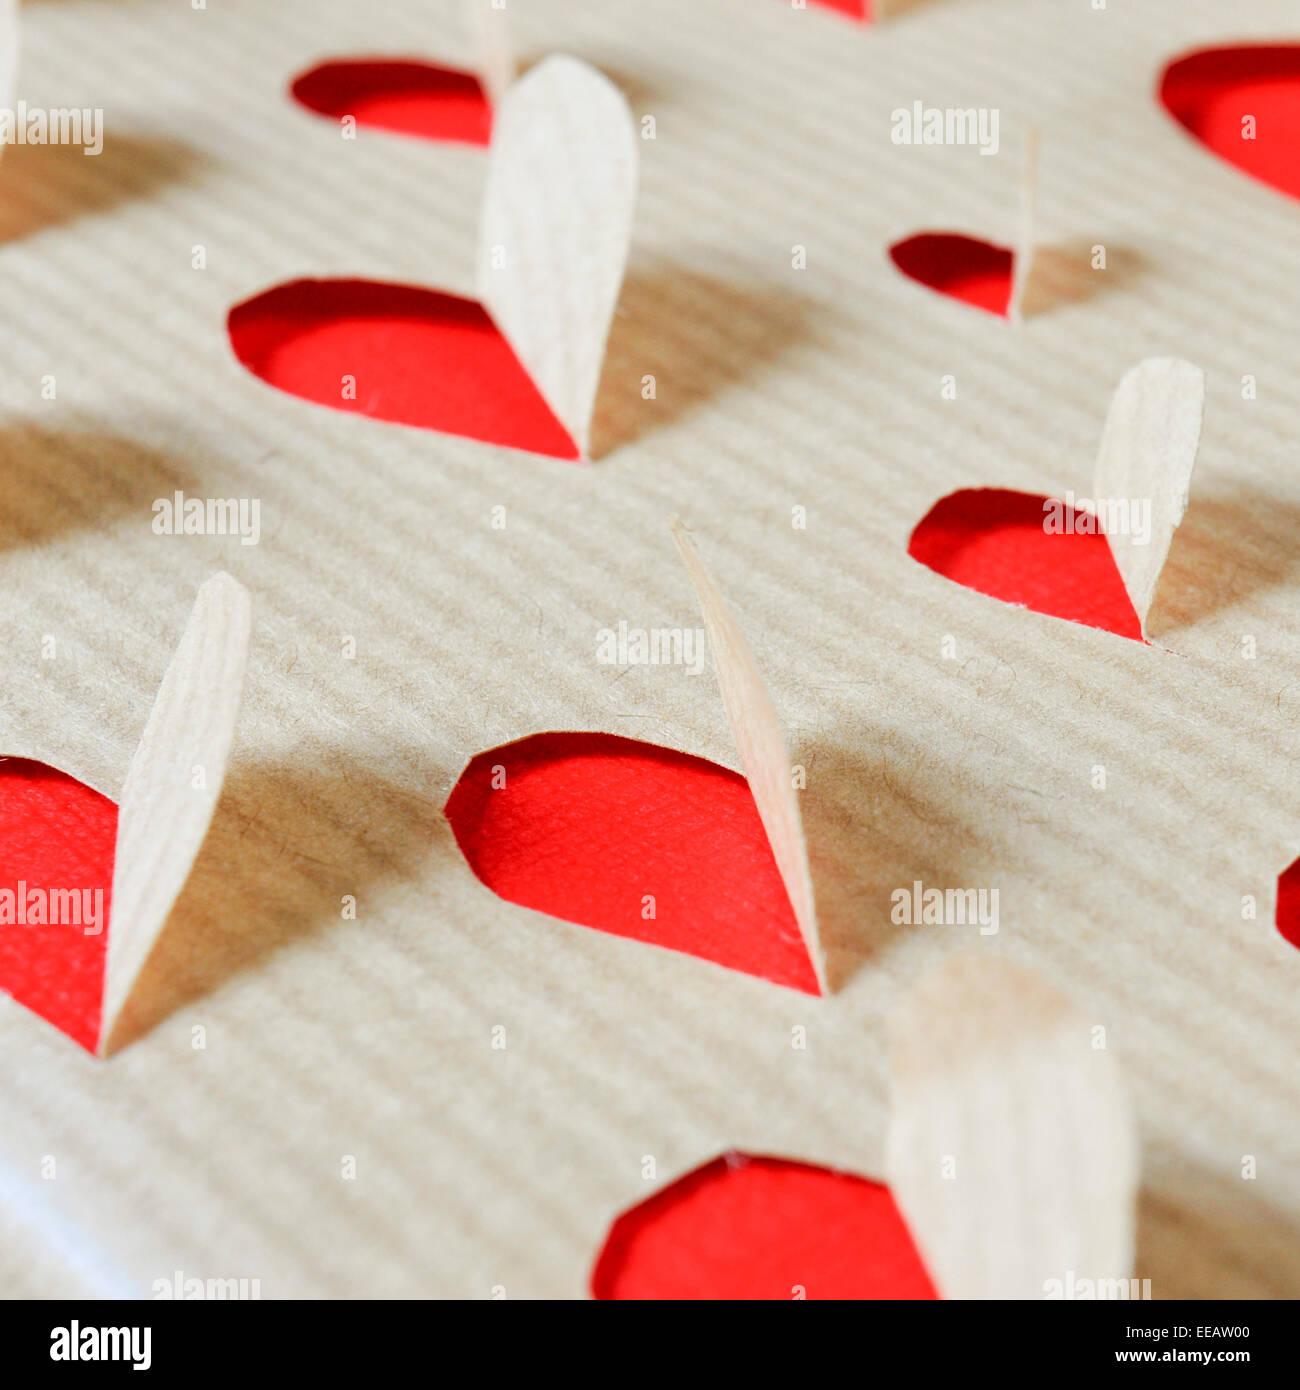 Trous sur un papier kraft formant cœurs Photo Stock